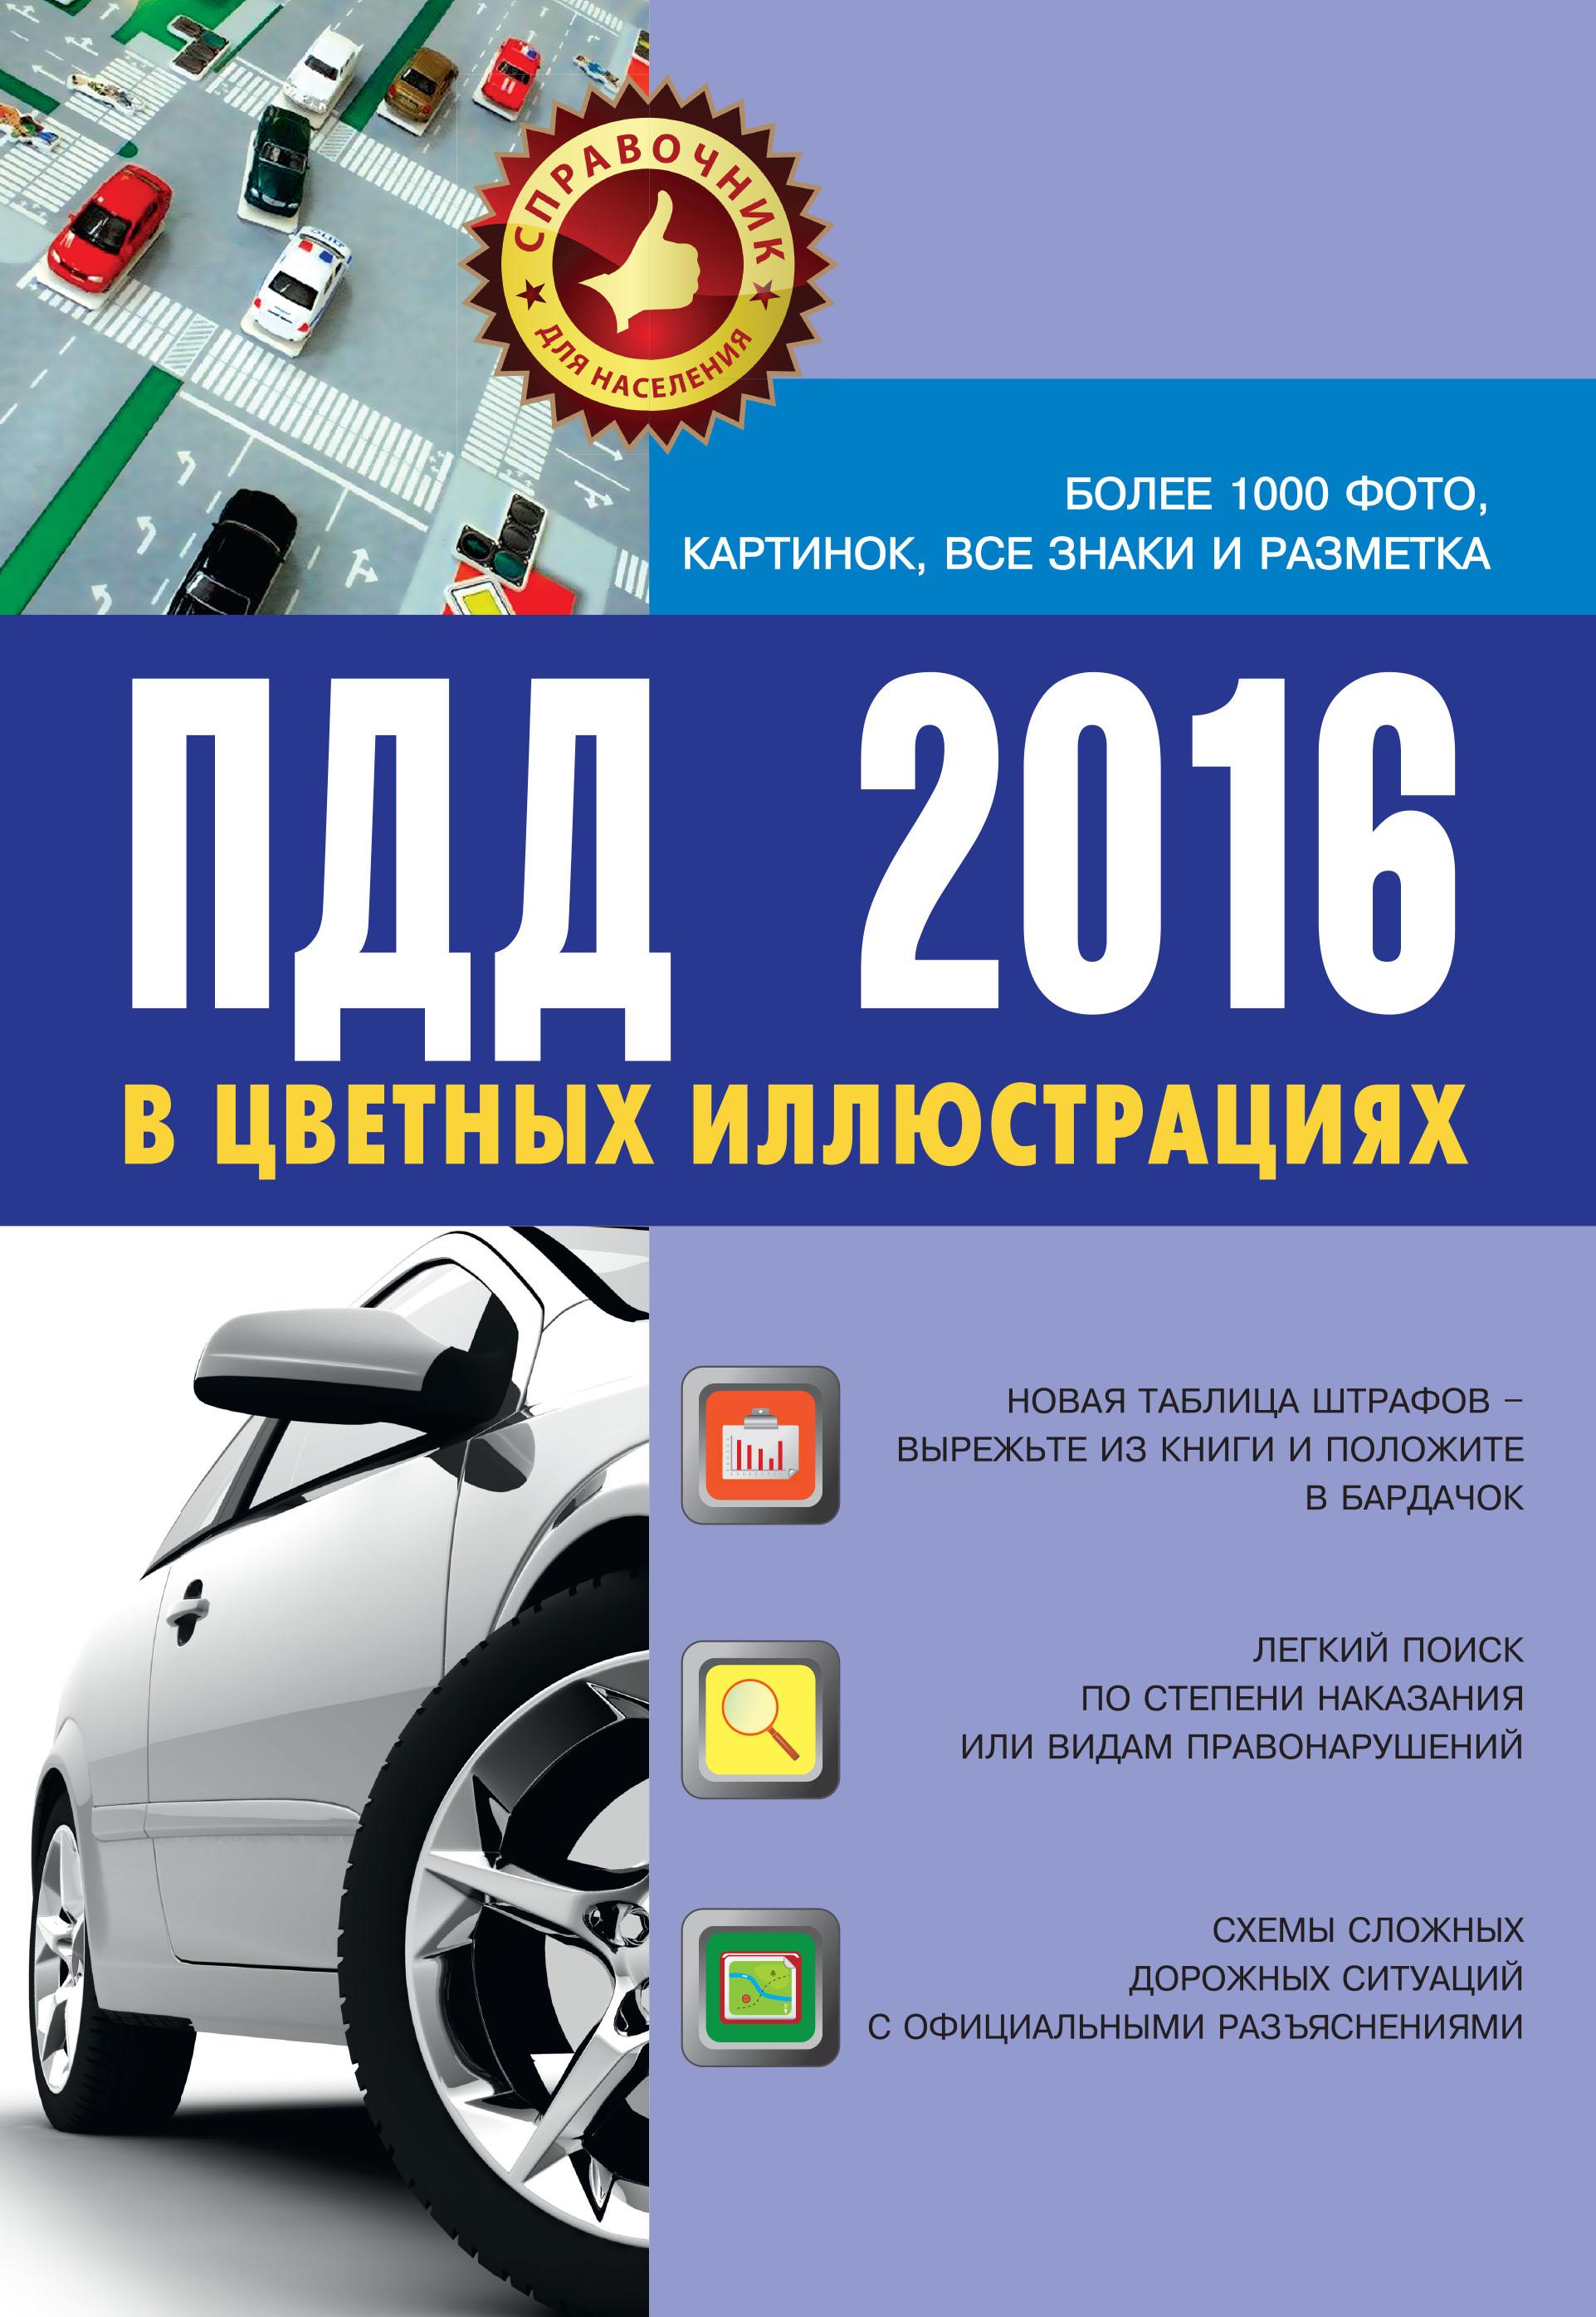 ПДД 2016 в цветных иллюстрациях